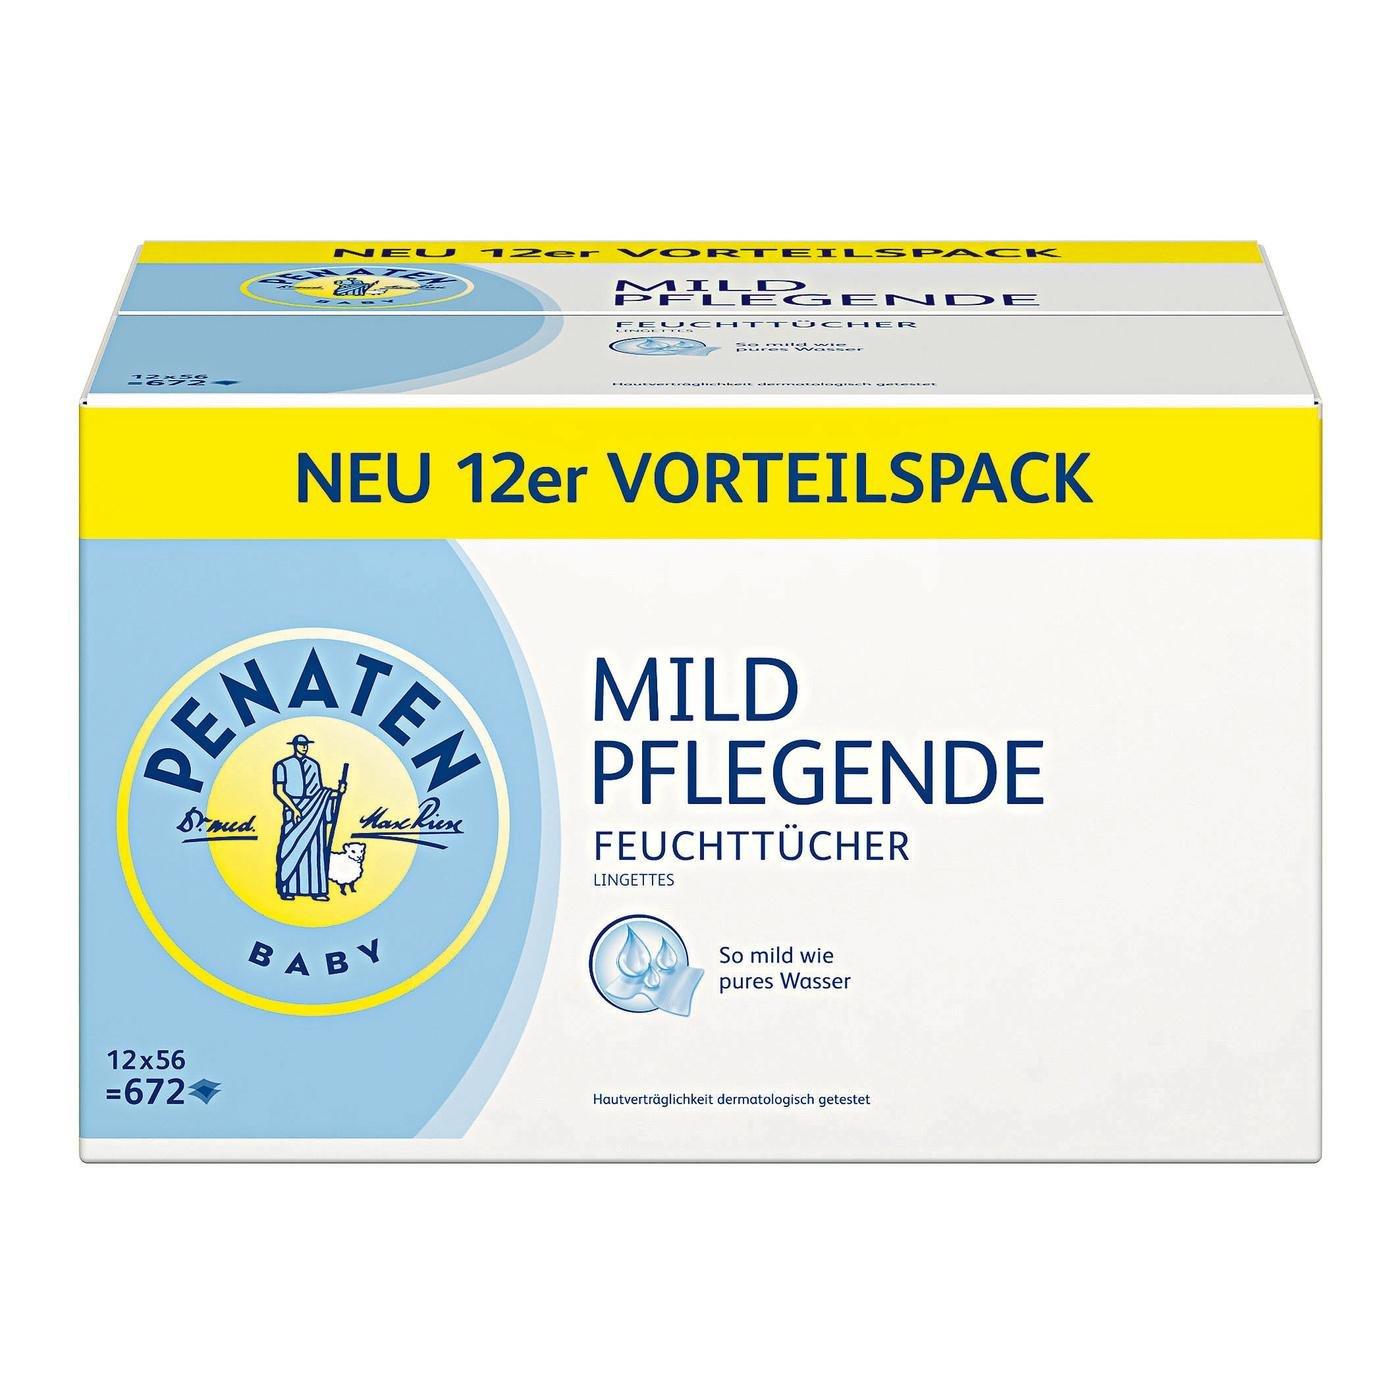 Penaten Mild Pflegende Feuchttücher Vorteilspack (Babypflegetücher ohne Alkohol) 15 x 56 Stück 94932